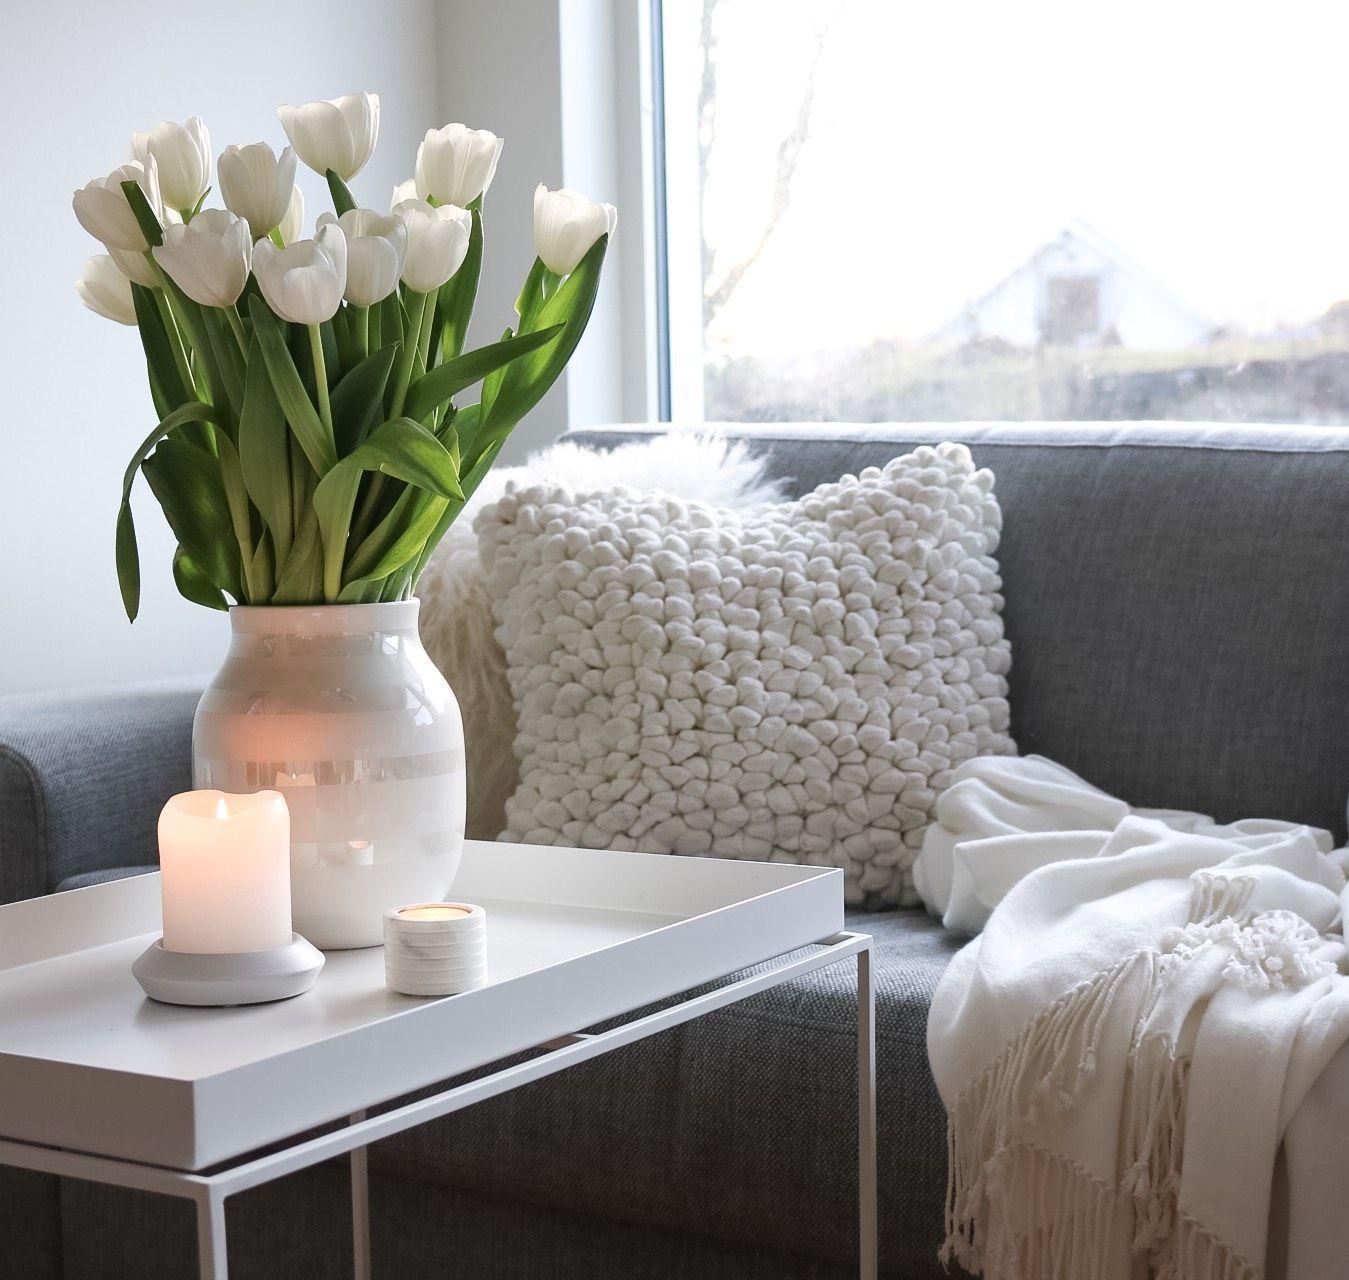 Instagram: @hvitelinjer  #kahler #interior #inspiration #design #interiordesign #decor